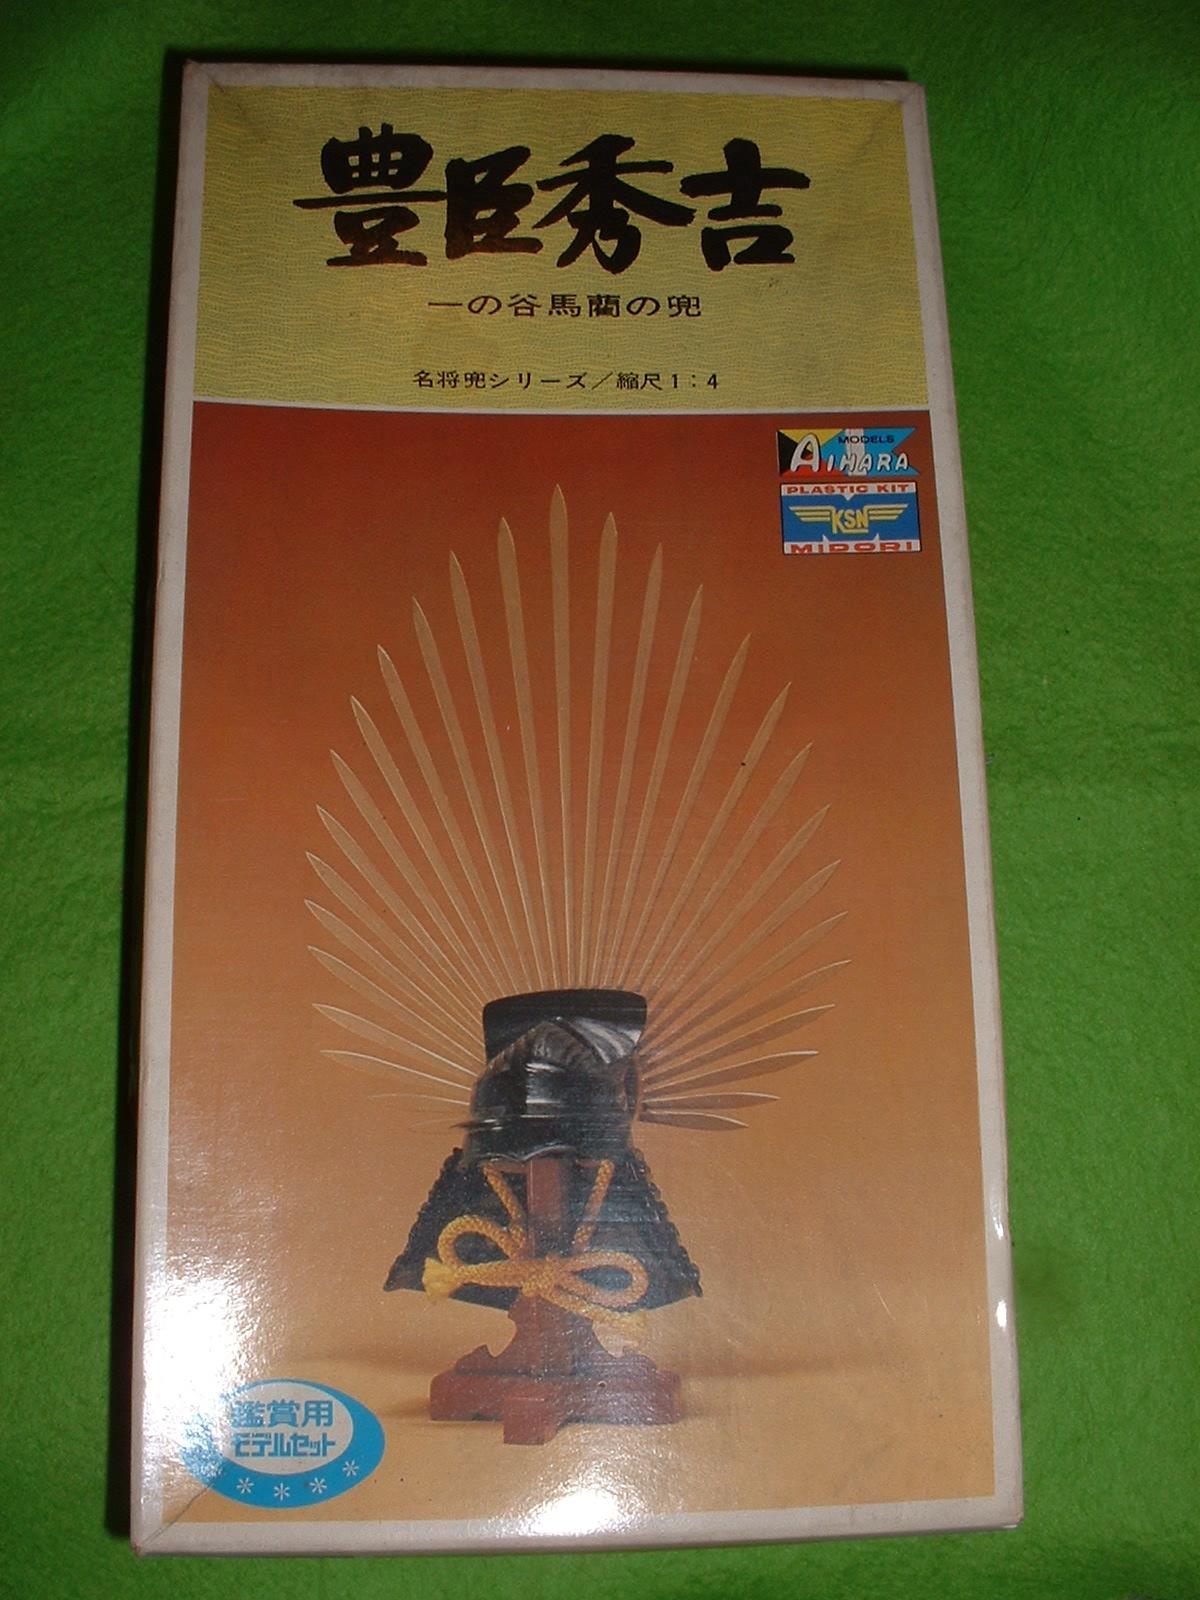 4分の1 相原・緑商会 豊臣秀吉の兜 外箱 Doburoku-TAO.JPG